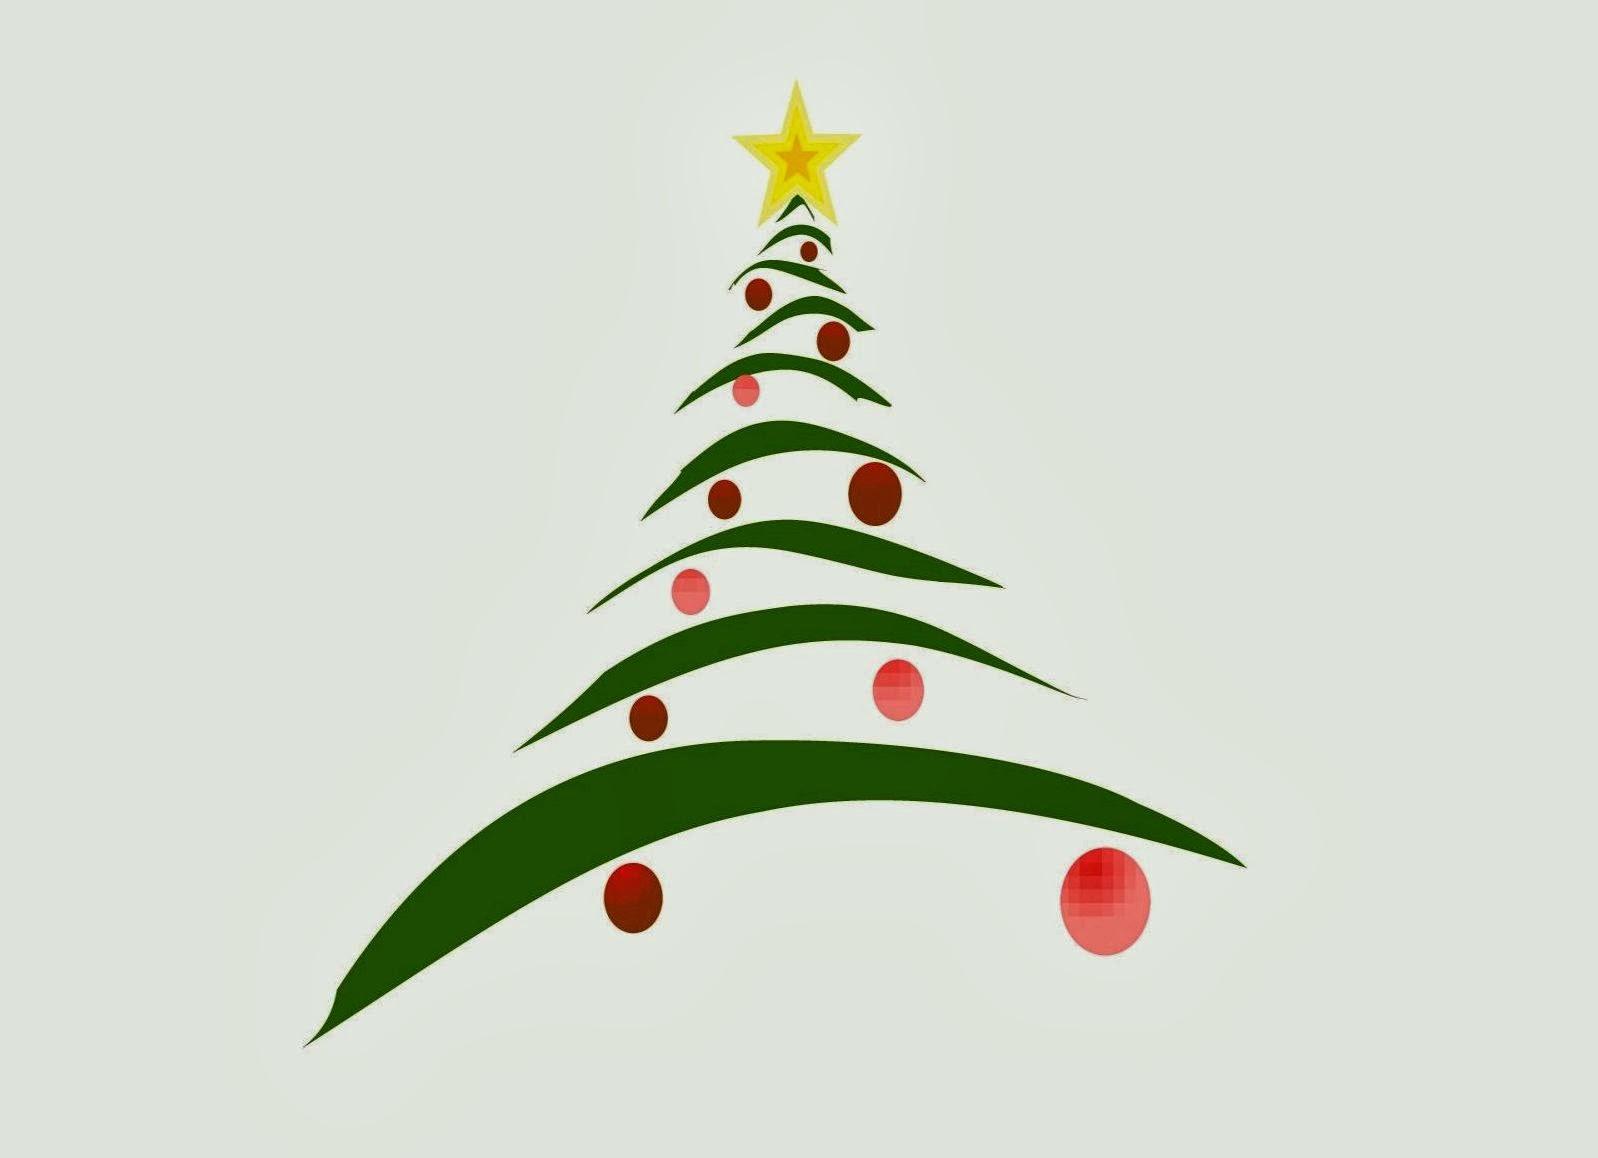 Banco de imagenes y fotos gratis arbol de navidad - Arbol de navidad original ...